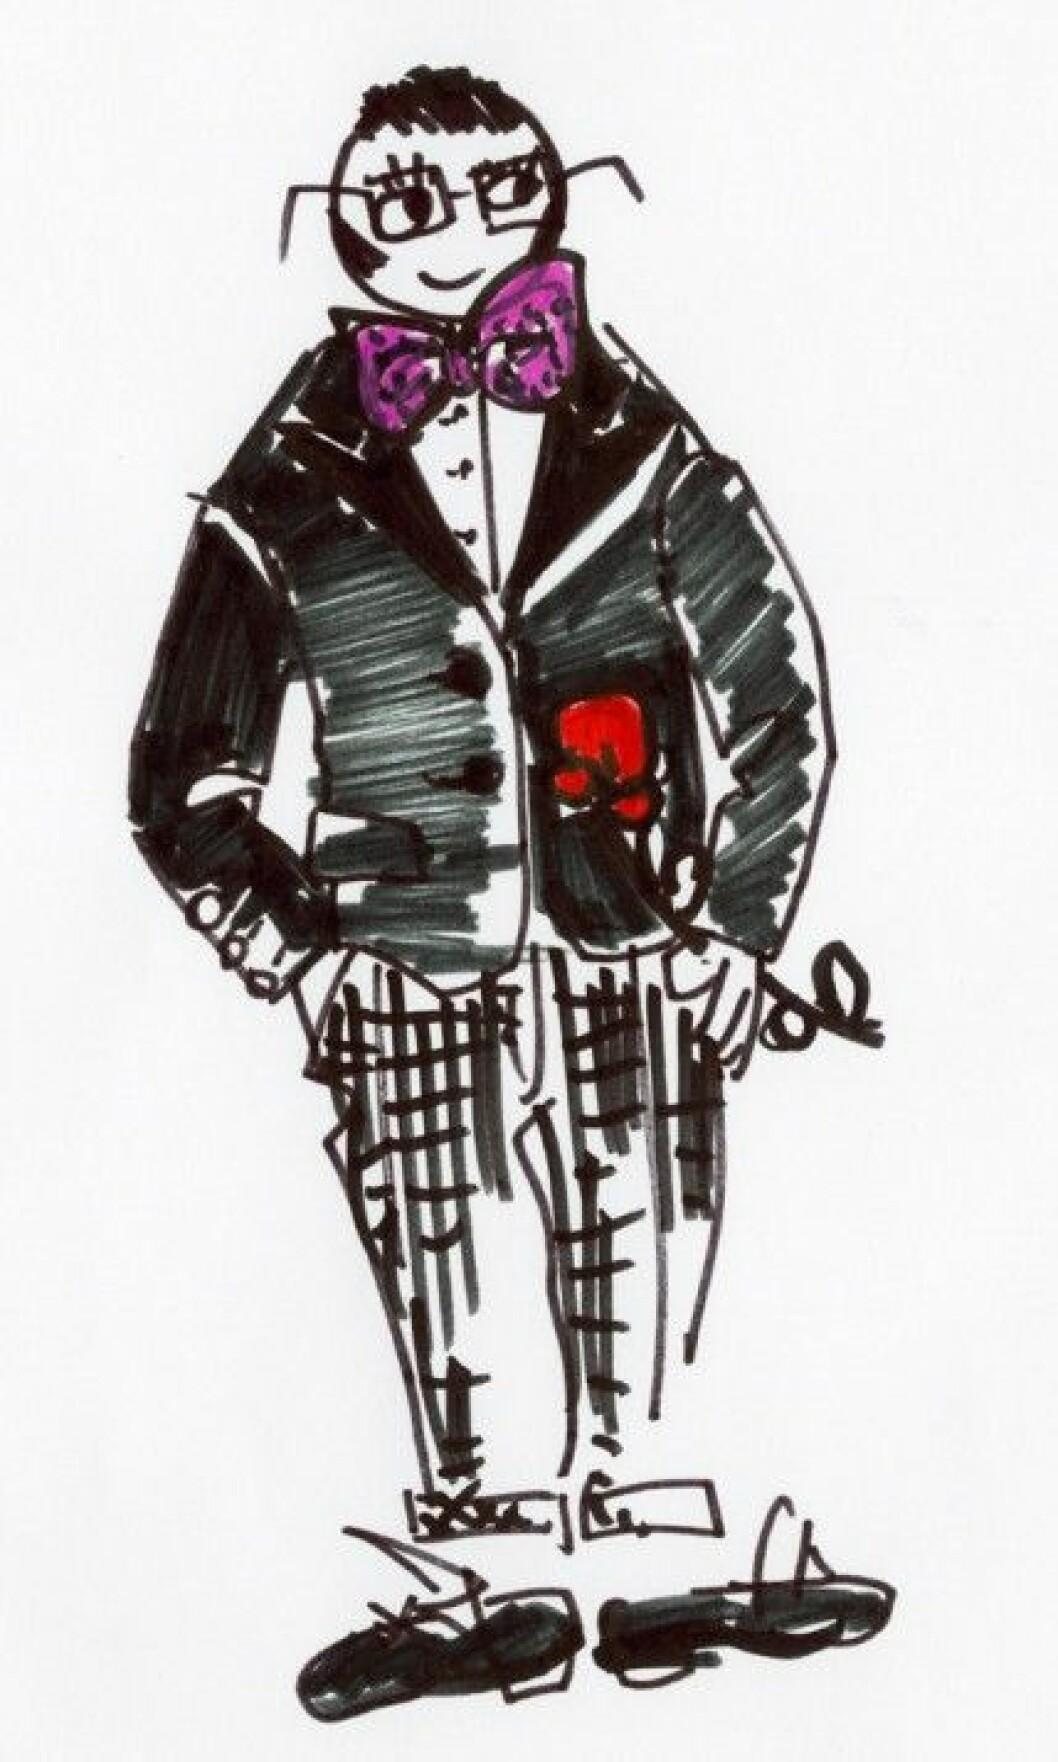 En tecknad version av Lanvins chefsdesigner Alber Elbaz.